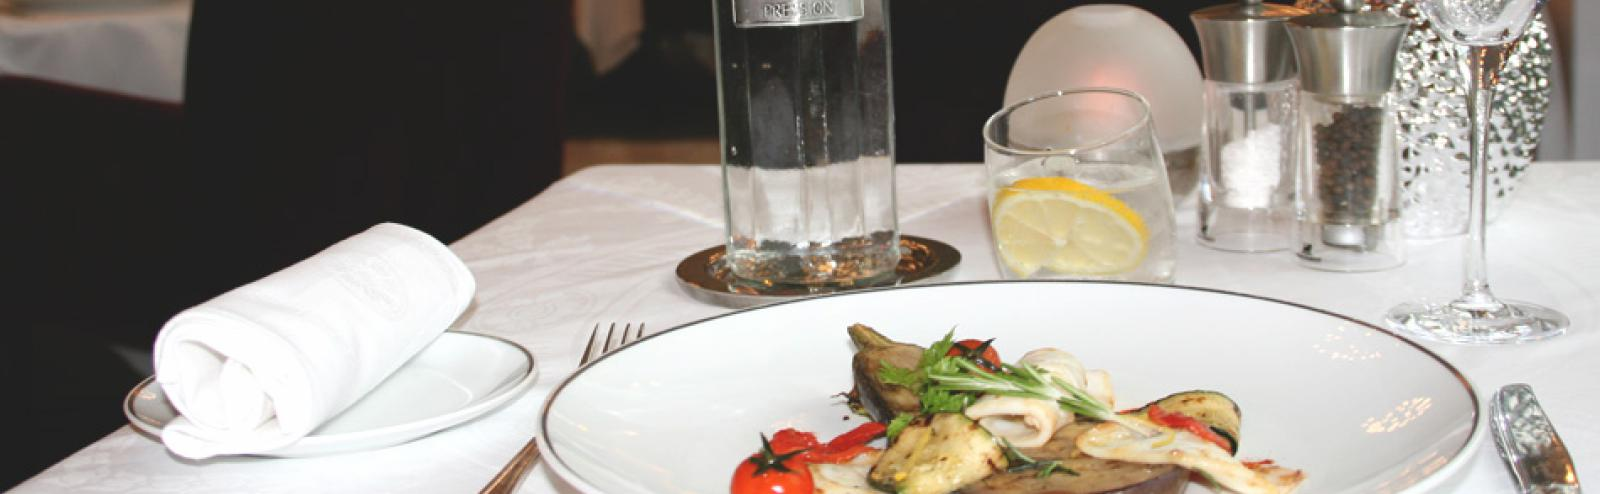 Recette aubergine grillée aux encornets - Restaurant Saveurs, Plaisir et Santé